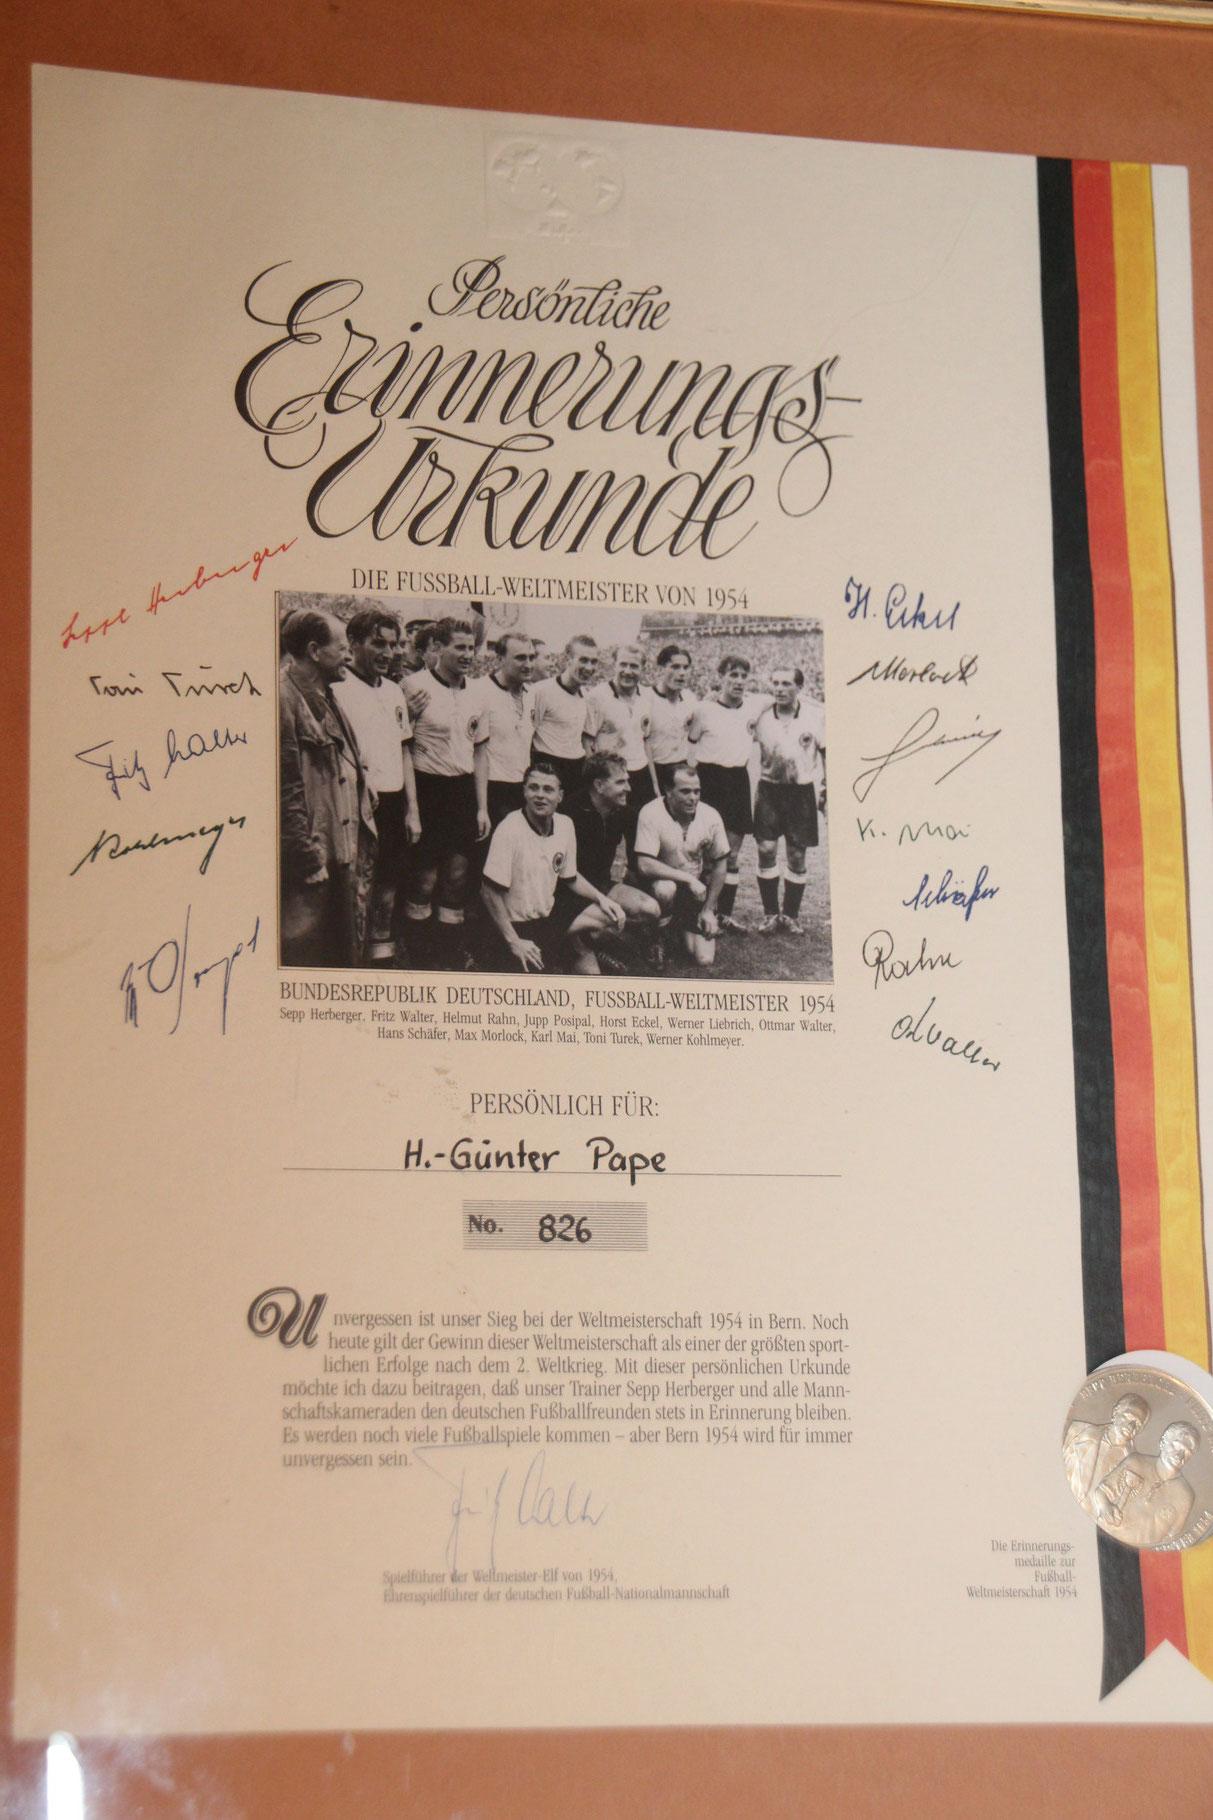 Erinnerungsurkunde mit den original Unterschriften der Weltmeister von 1954 inkl. Sammelmünze.